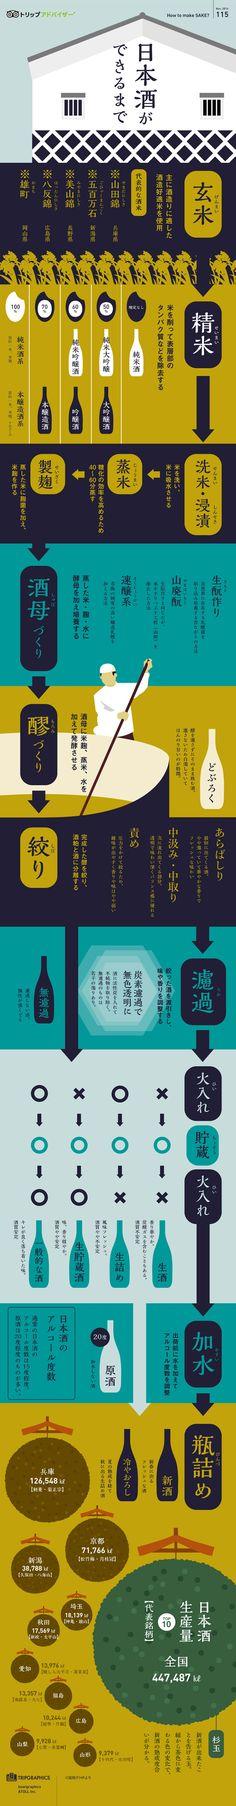 トリップアドバイザー株式会社様の「日本酒ができるまで」のランディングページ(LP)かわいい系|日本酒・焼酎 #LP #ランディングページ #ランペ #日本酒ができるまで Web Design, Japan Design, Food Design, Web Layout, Layout Design, Japanese Sake, Japanese Graphic Design, Poster Layout, Ui Web